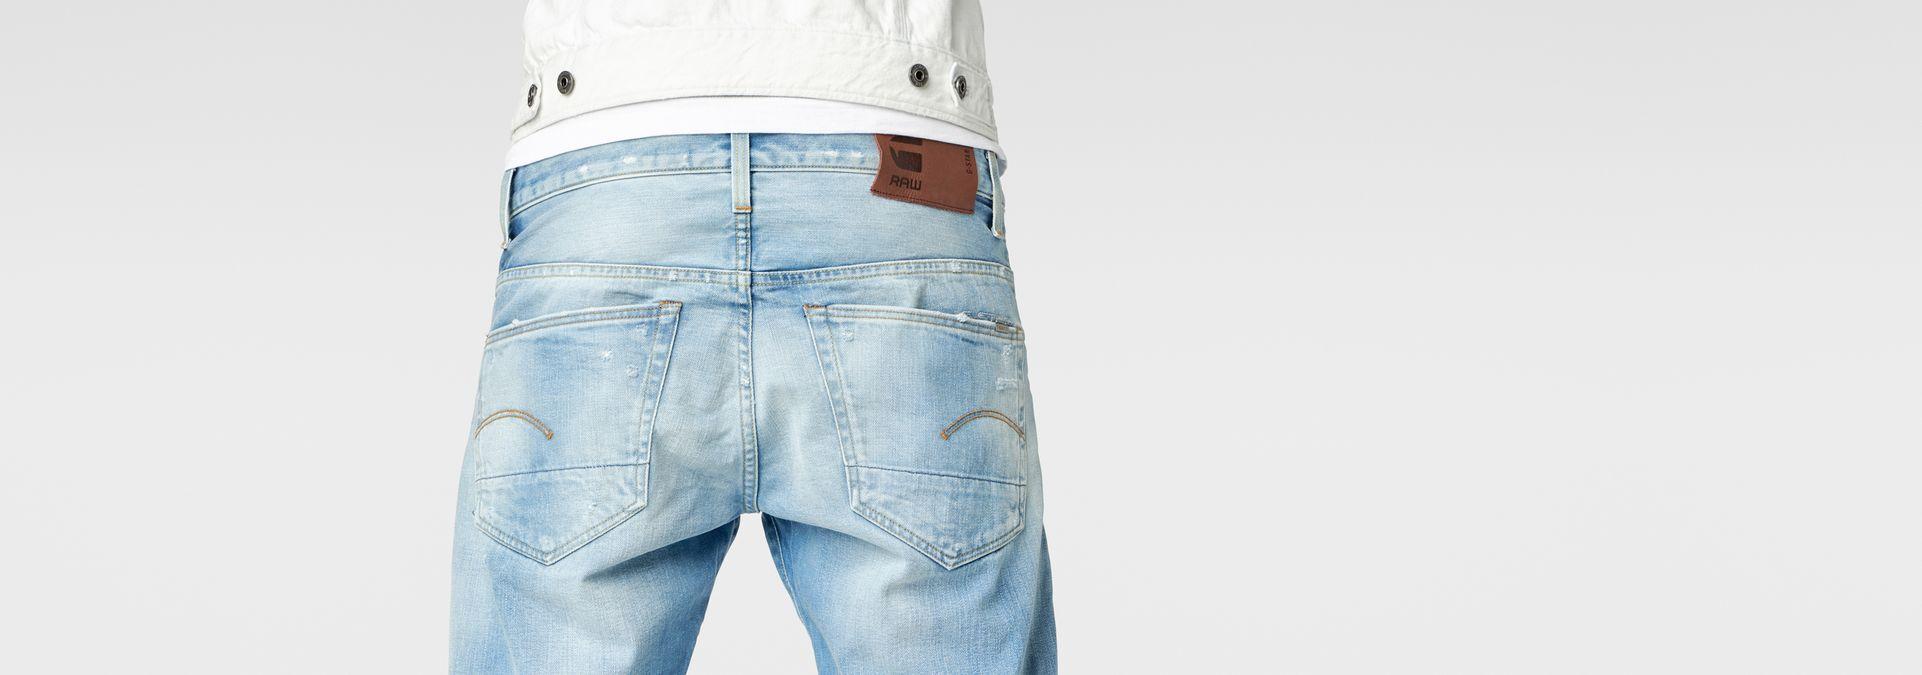 3301 tapered jeans lt aged destroy men sale g star raw. Black Bedroom Furniture Sets. Home Design Ideas